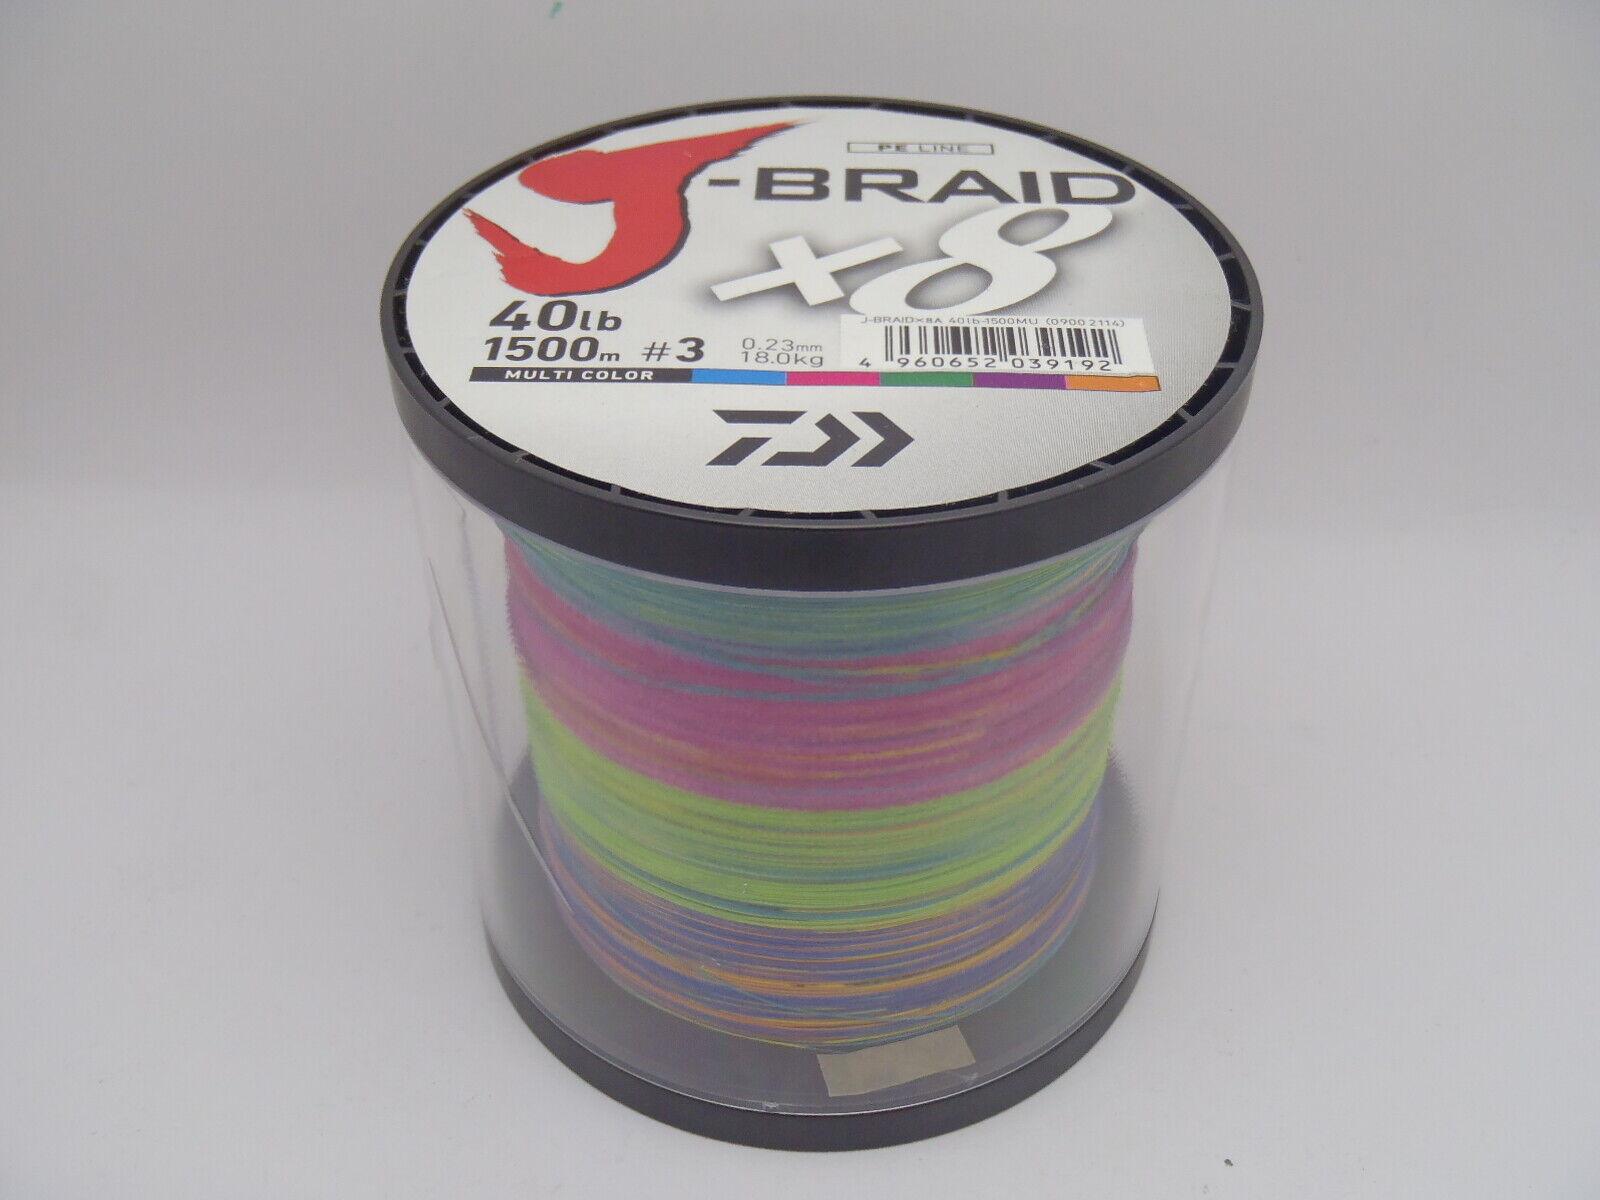 Daiwa J-Braid 1500m 40lb 18.0kg 0.23mm Braided PE x8 Mulitcolour Fishing Line